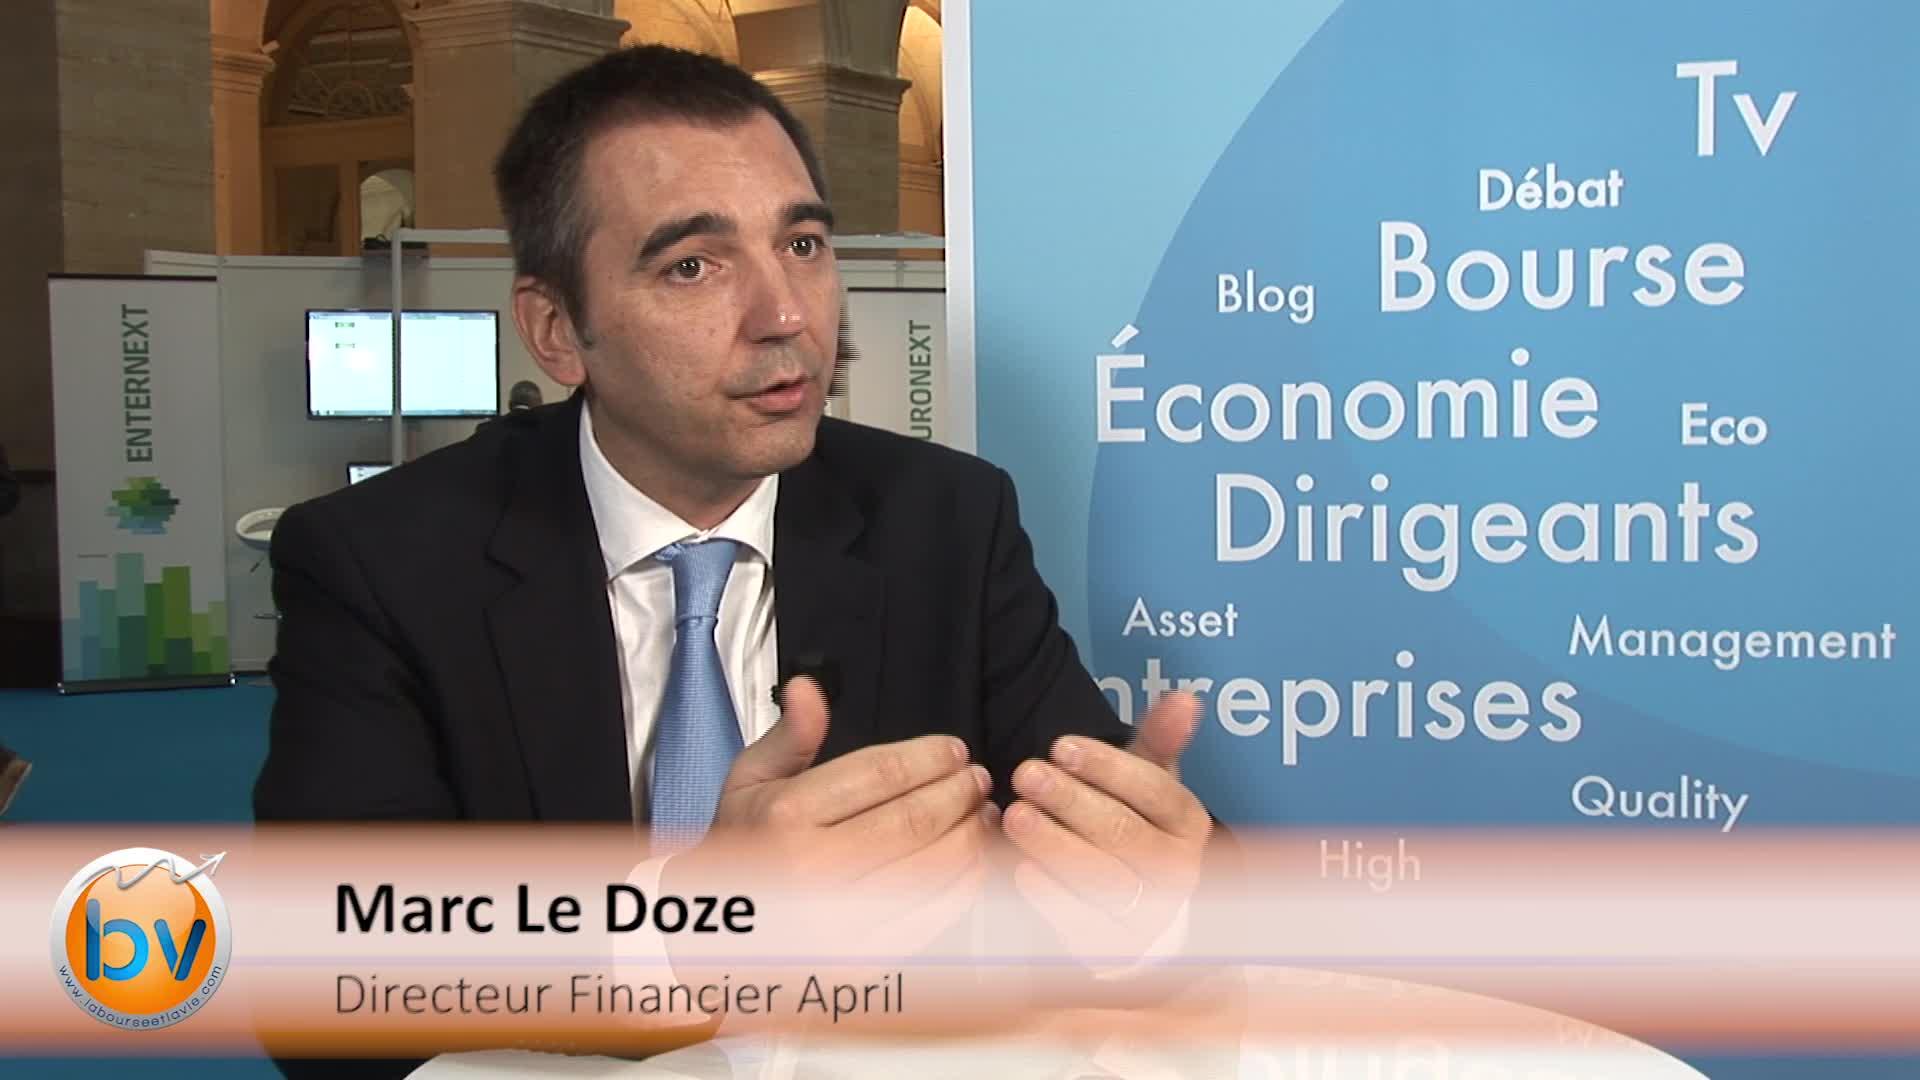 Marc Le Doze Directeur Financier April : «Nous allons proposer à des assureurs et banques nos produits et services»